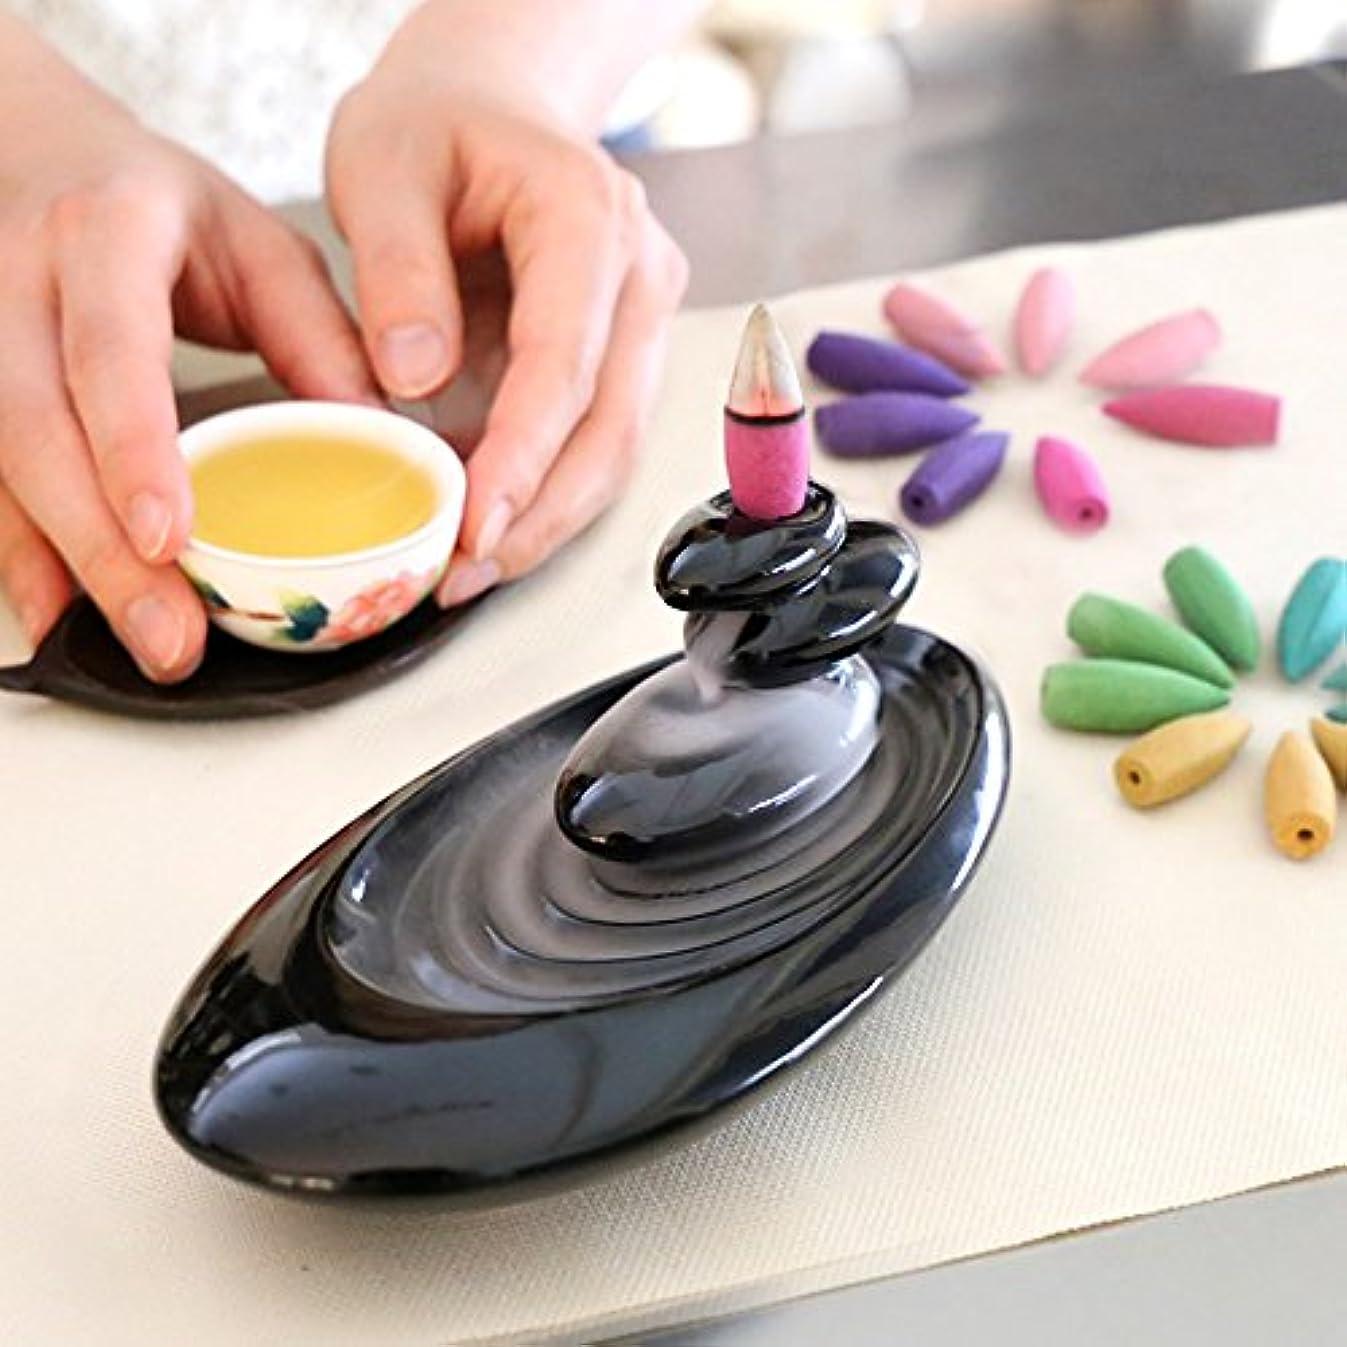 考案するクッション津波倒流香 香炉 シンプル 6種の香り アロマ香炉 ギフトBOX仕様 アロマインセンス 逆流香 誕生日 プレゼント (誕生日カード)